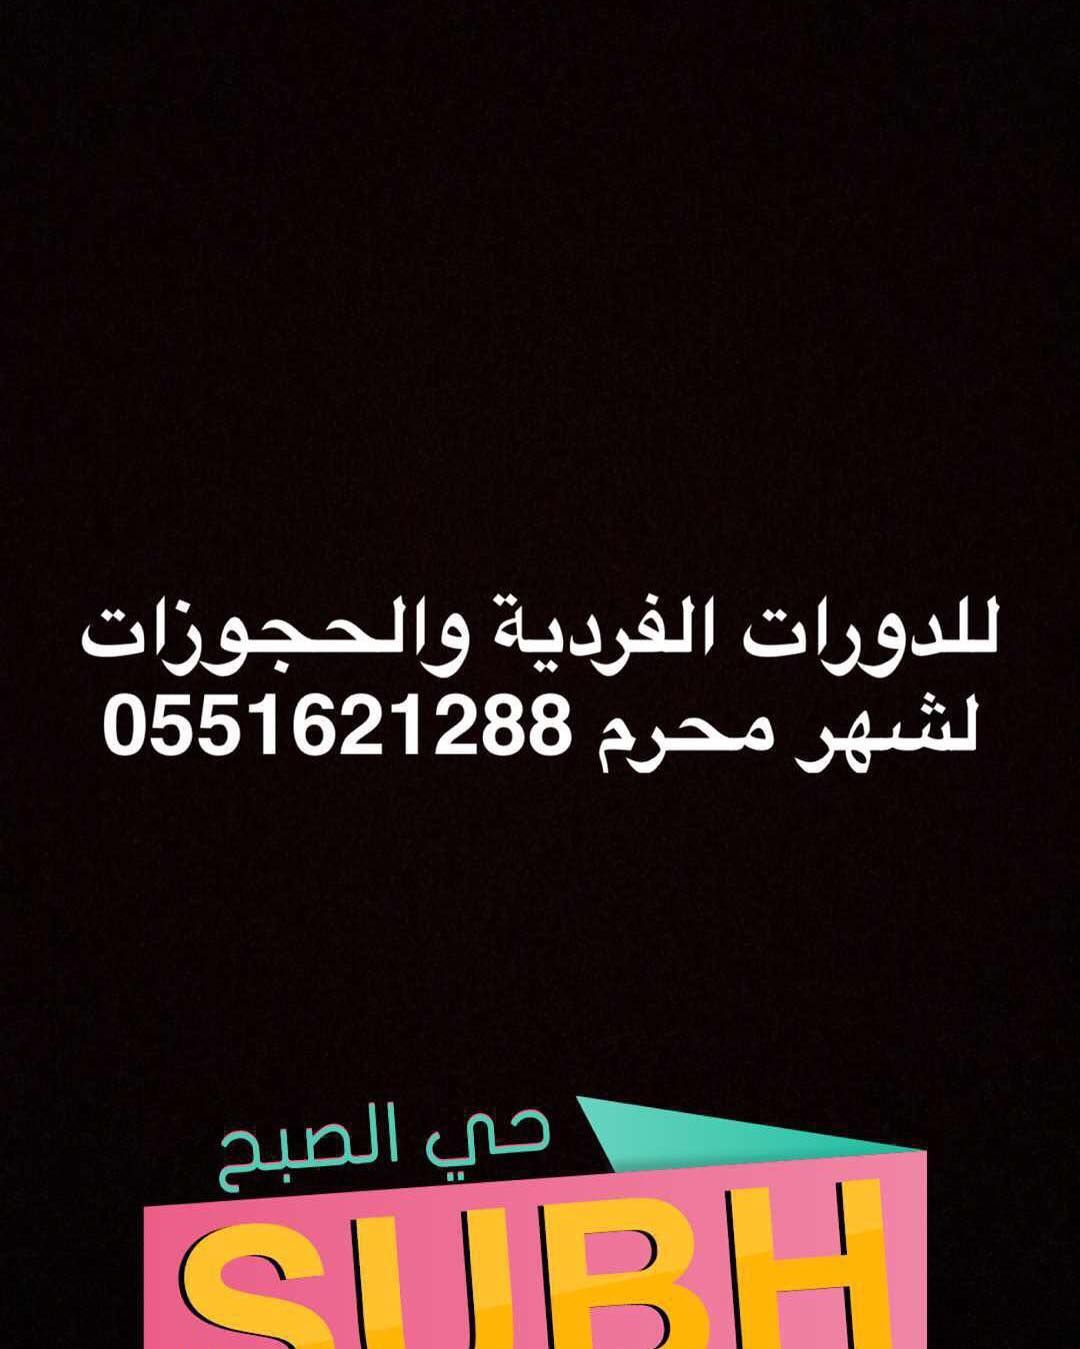 لدورات المكياج الفردية ولحجوزات المكياج التواصل بالواتس 0551621288 ينبع السعودية دورات مكياج ميكب ارتست